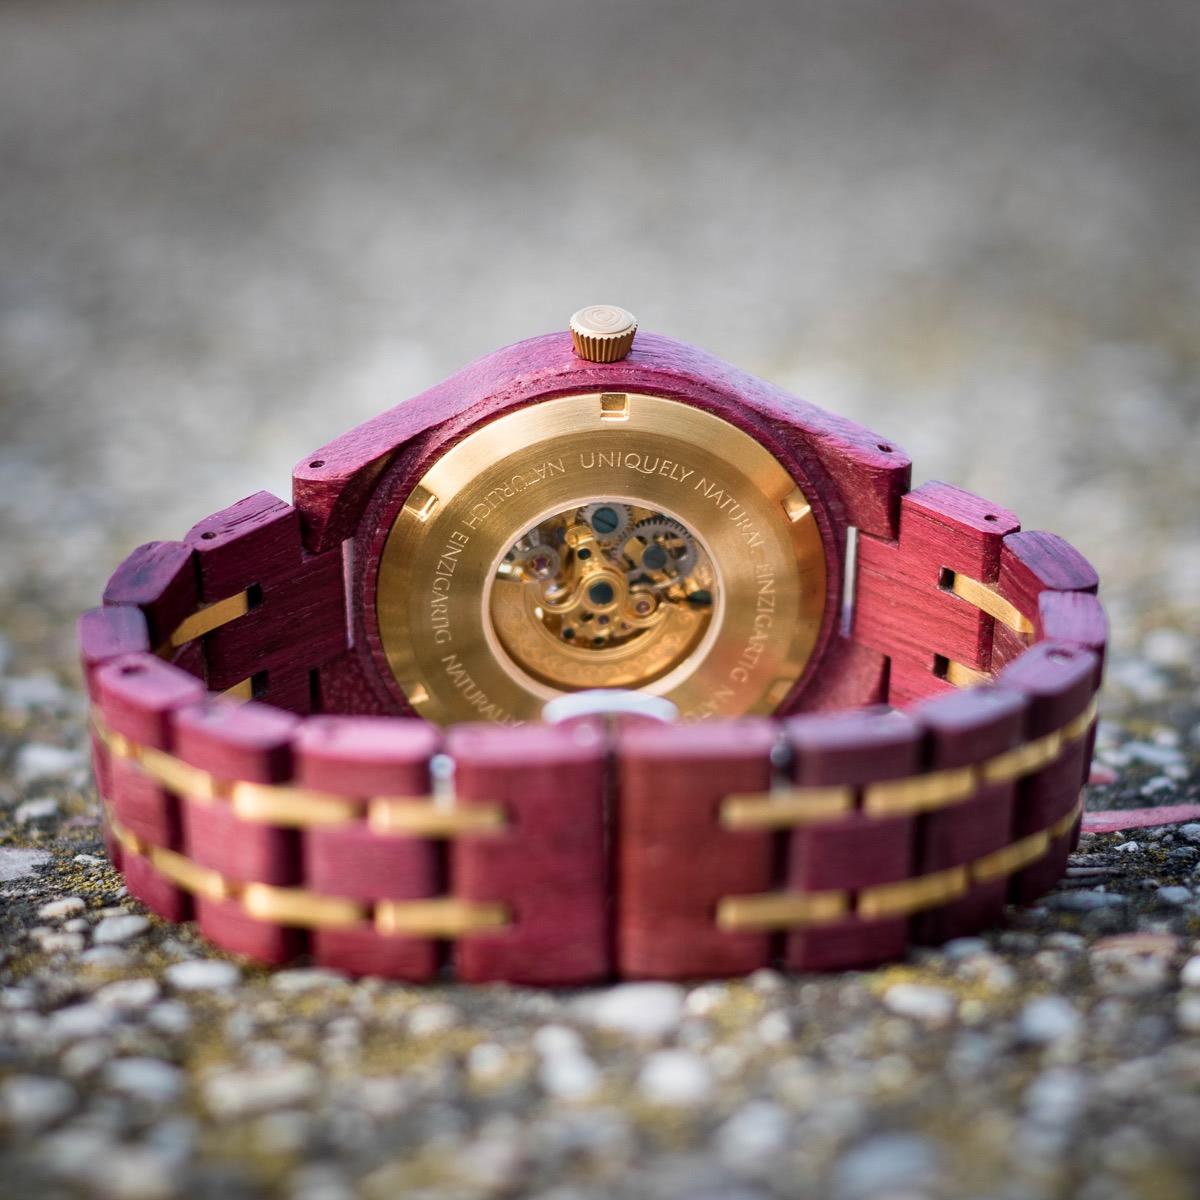 Hinterseite der Holzkern Holzuhr Alice mit Automatik-Uhrwerk auf felsigem Untergrund